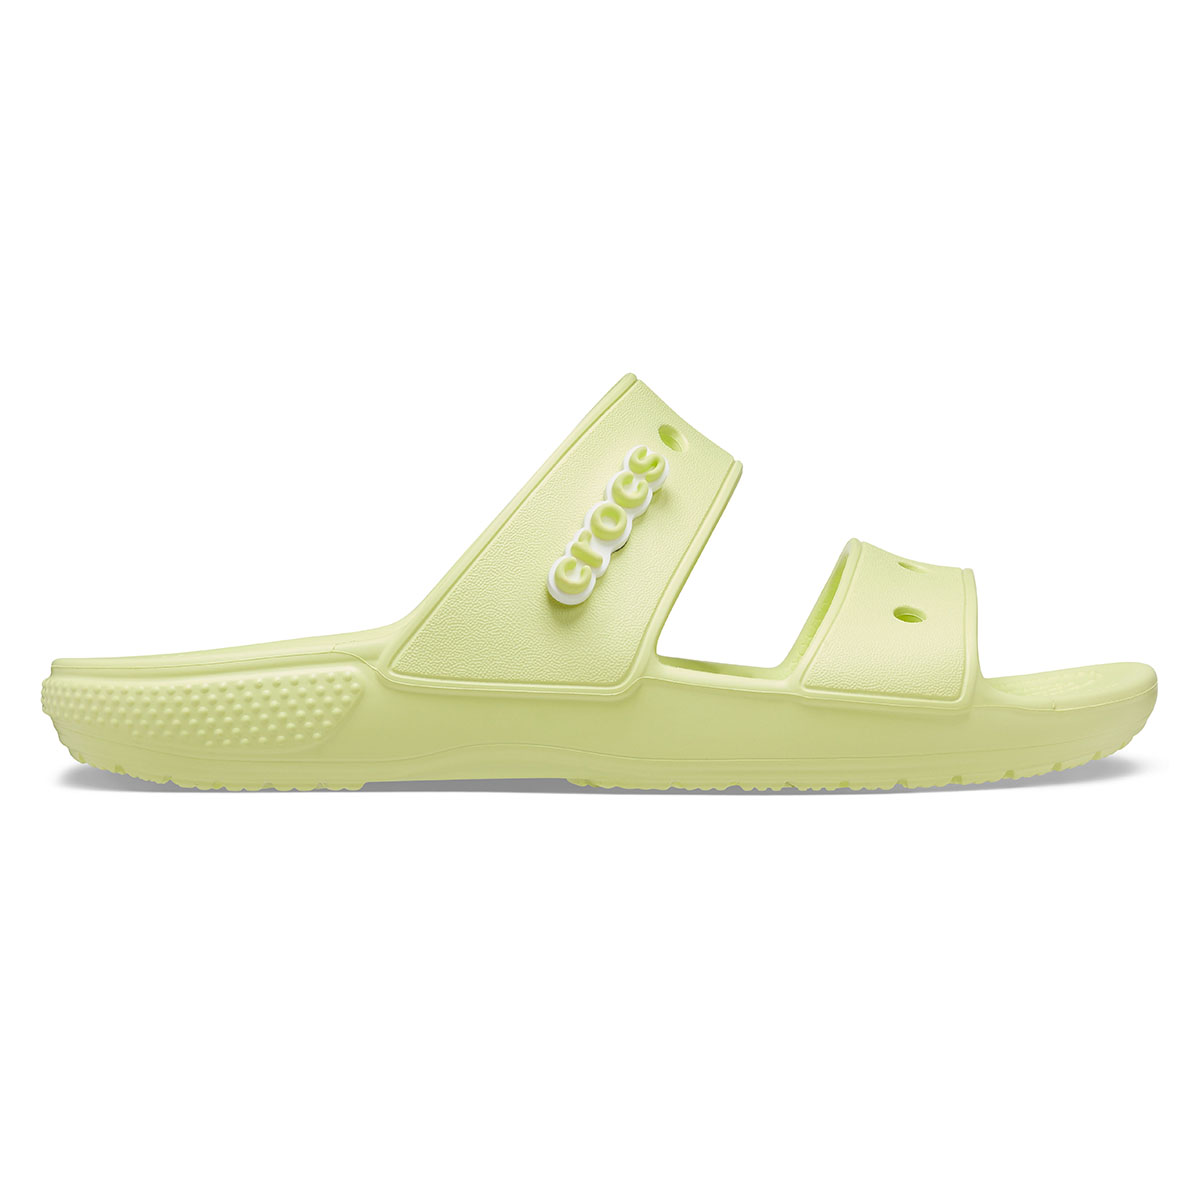 Classic Crocs Sandal - Kireç